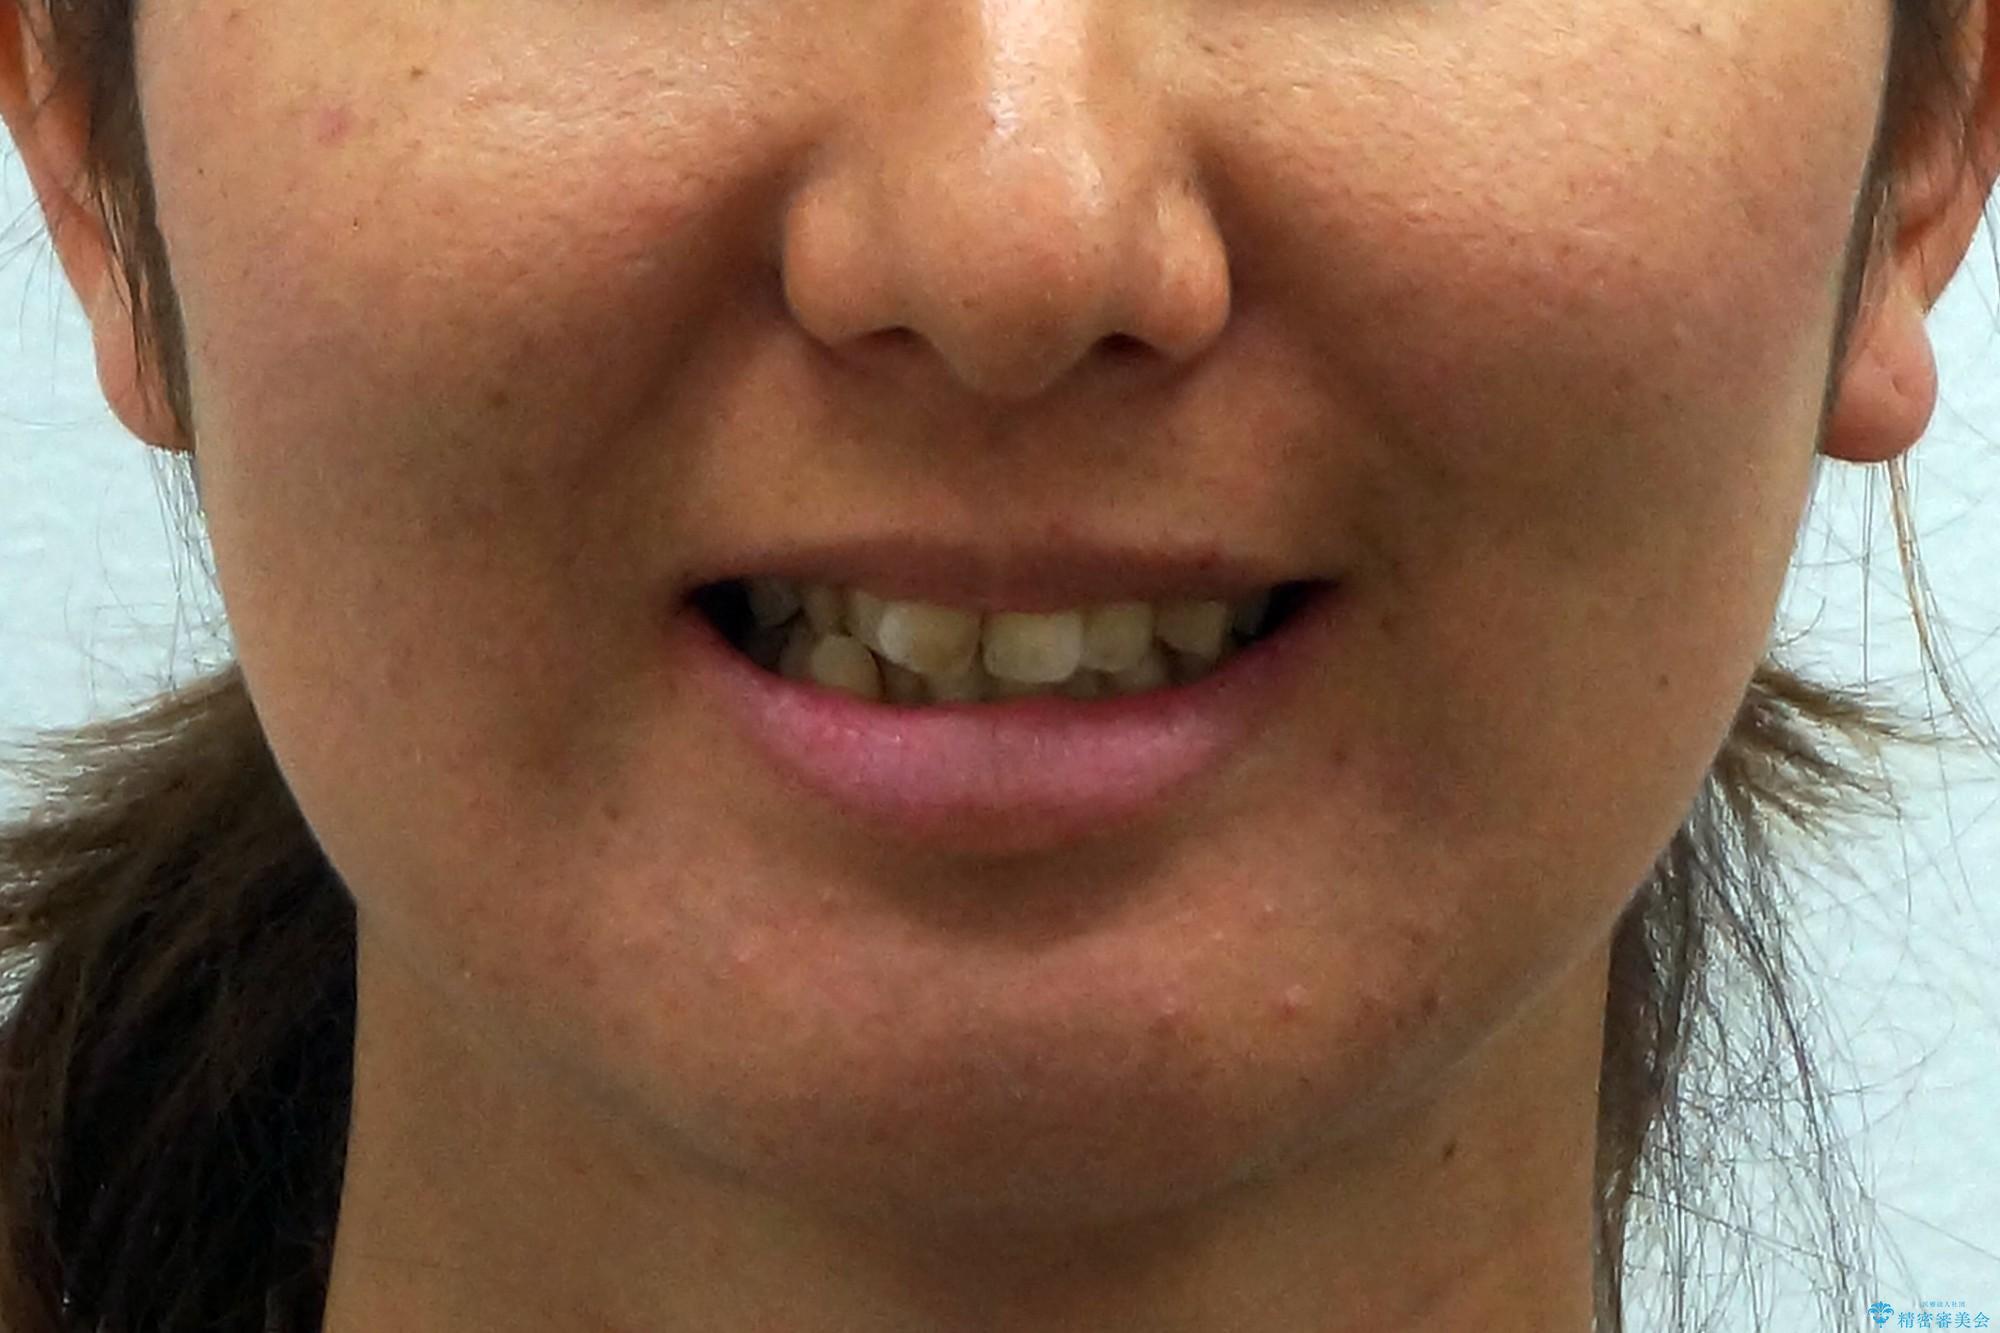 30代女性 残った乳歯を抜いてスペースを閉じる矯正 前歯のねじれの治療前(顔貌)